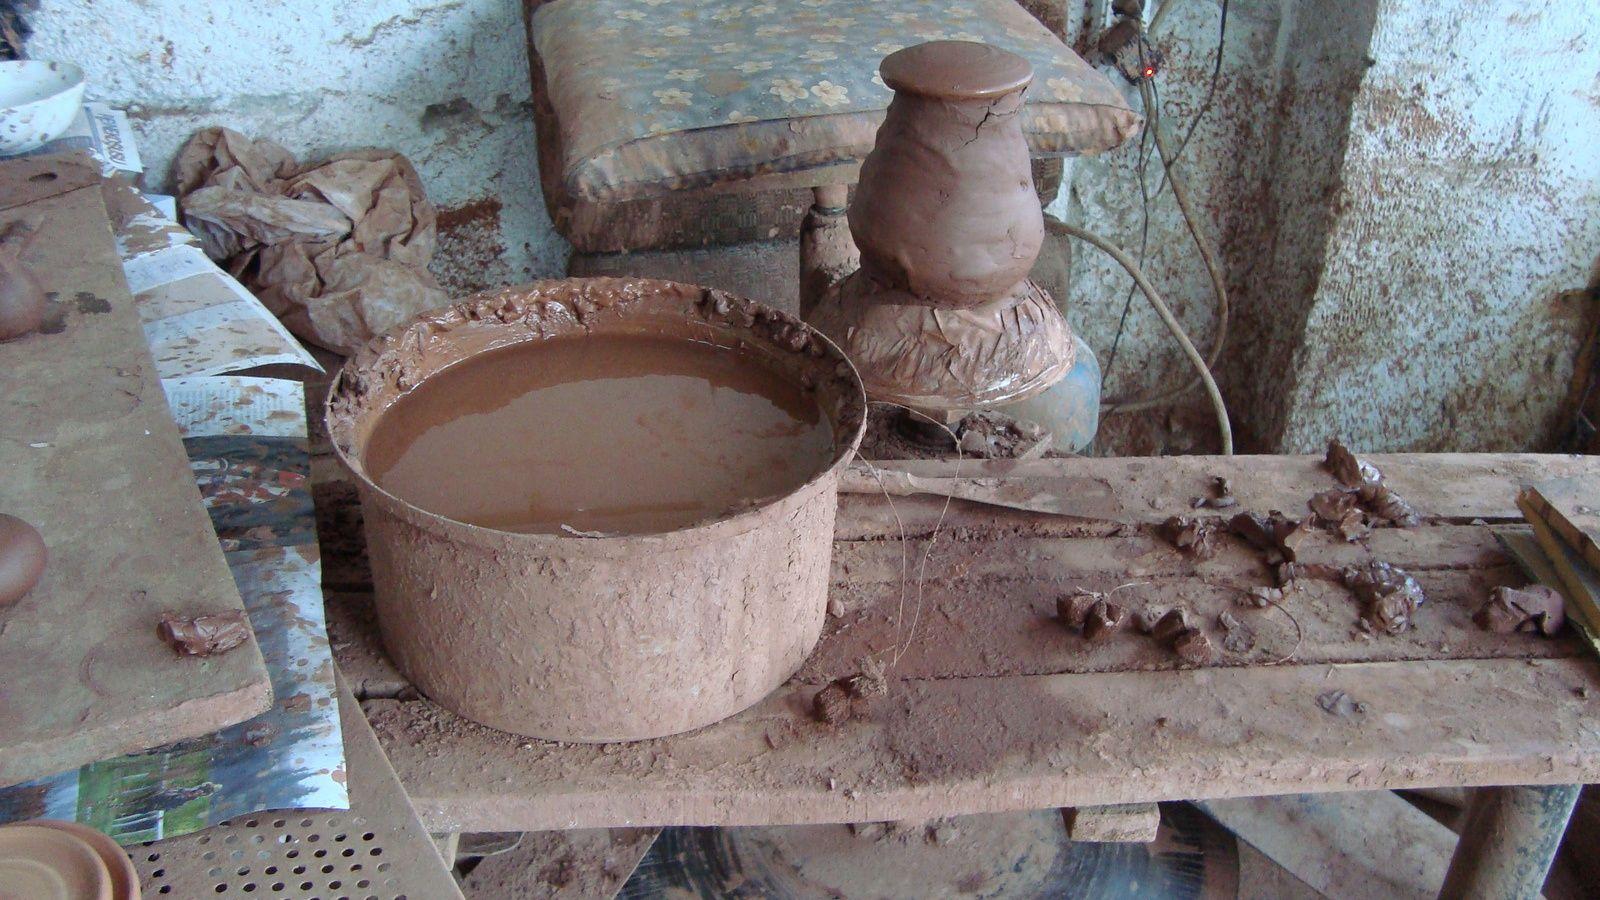 Hasan Bircan potier d'Avanos et argile rouge du Kızılırmak